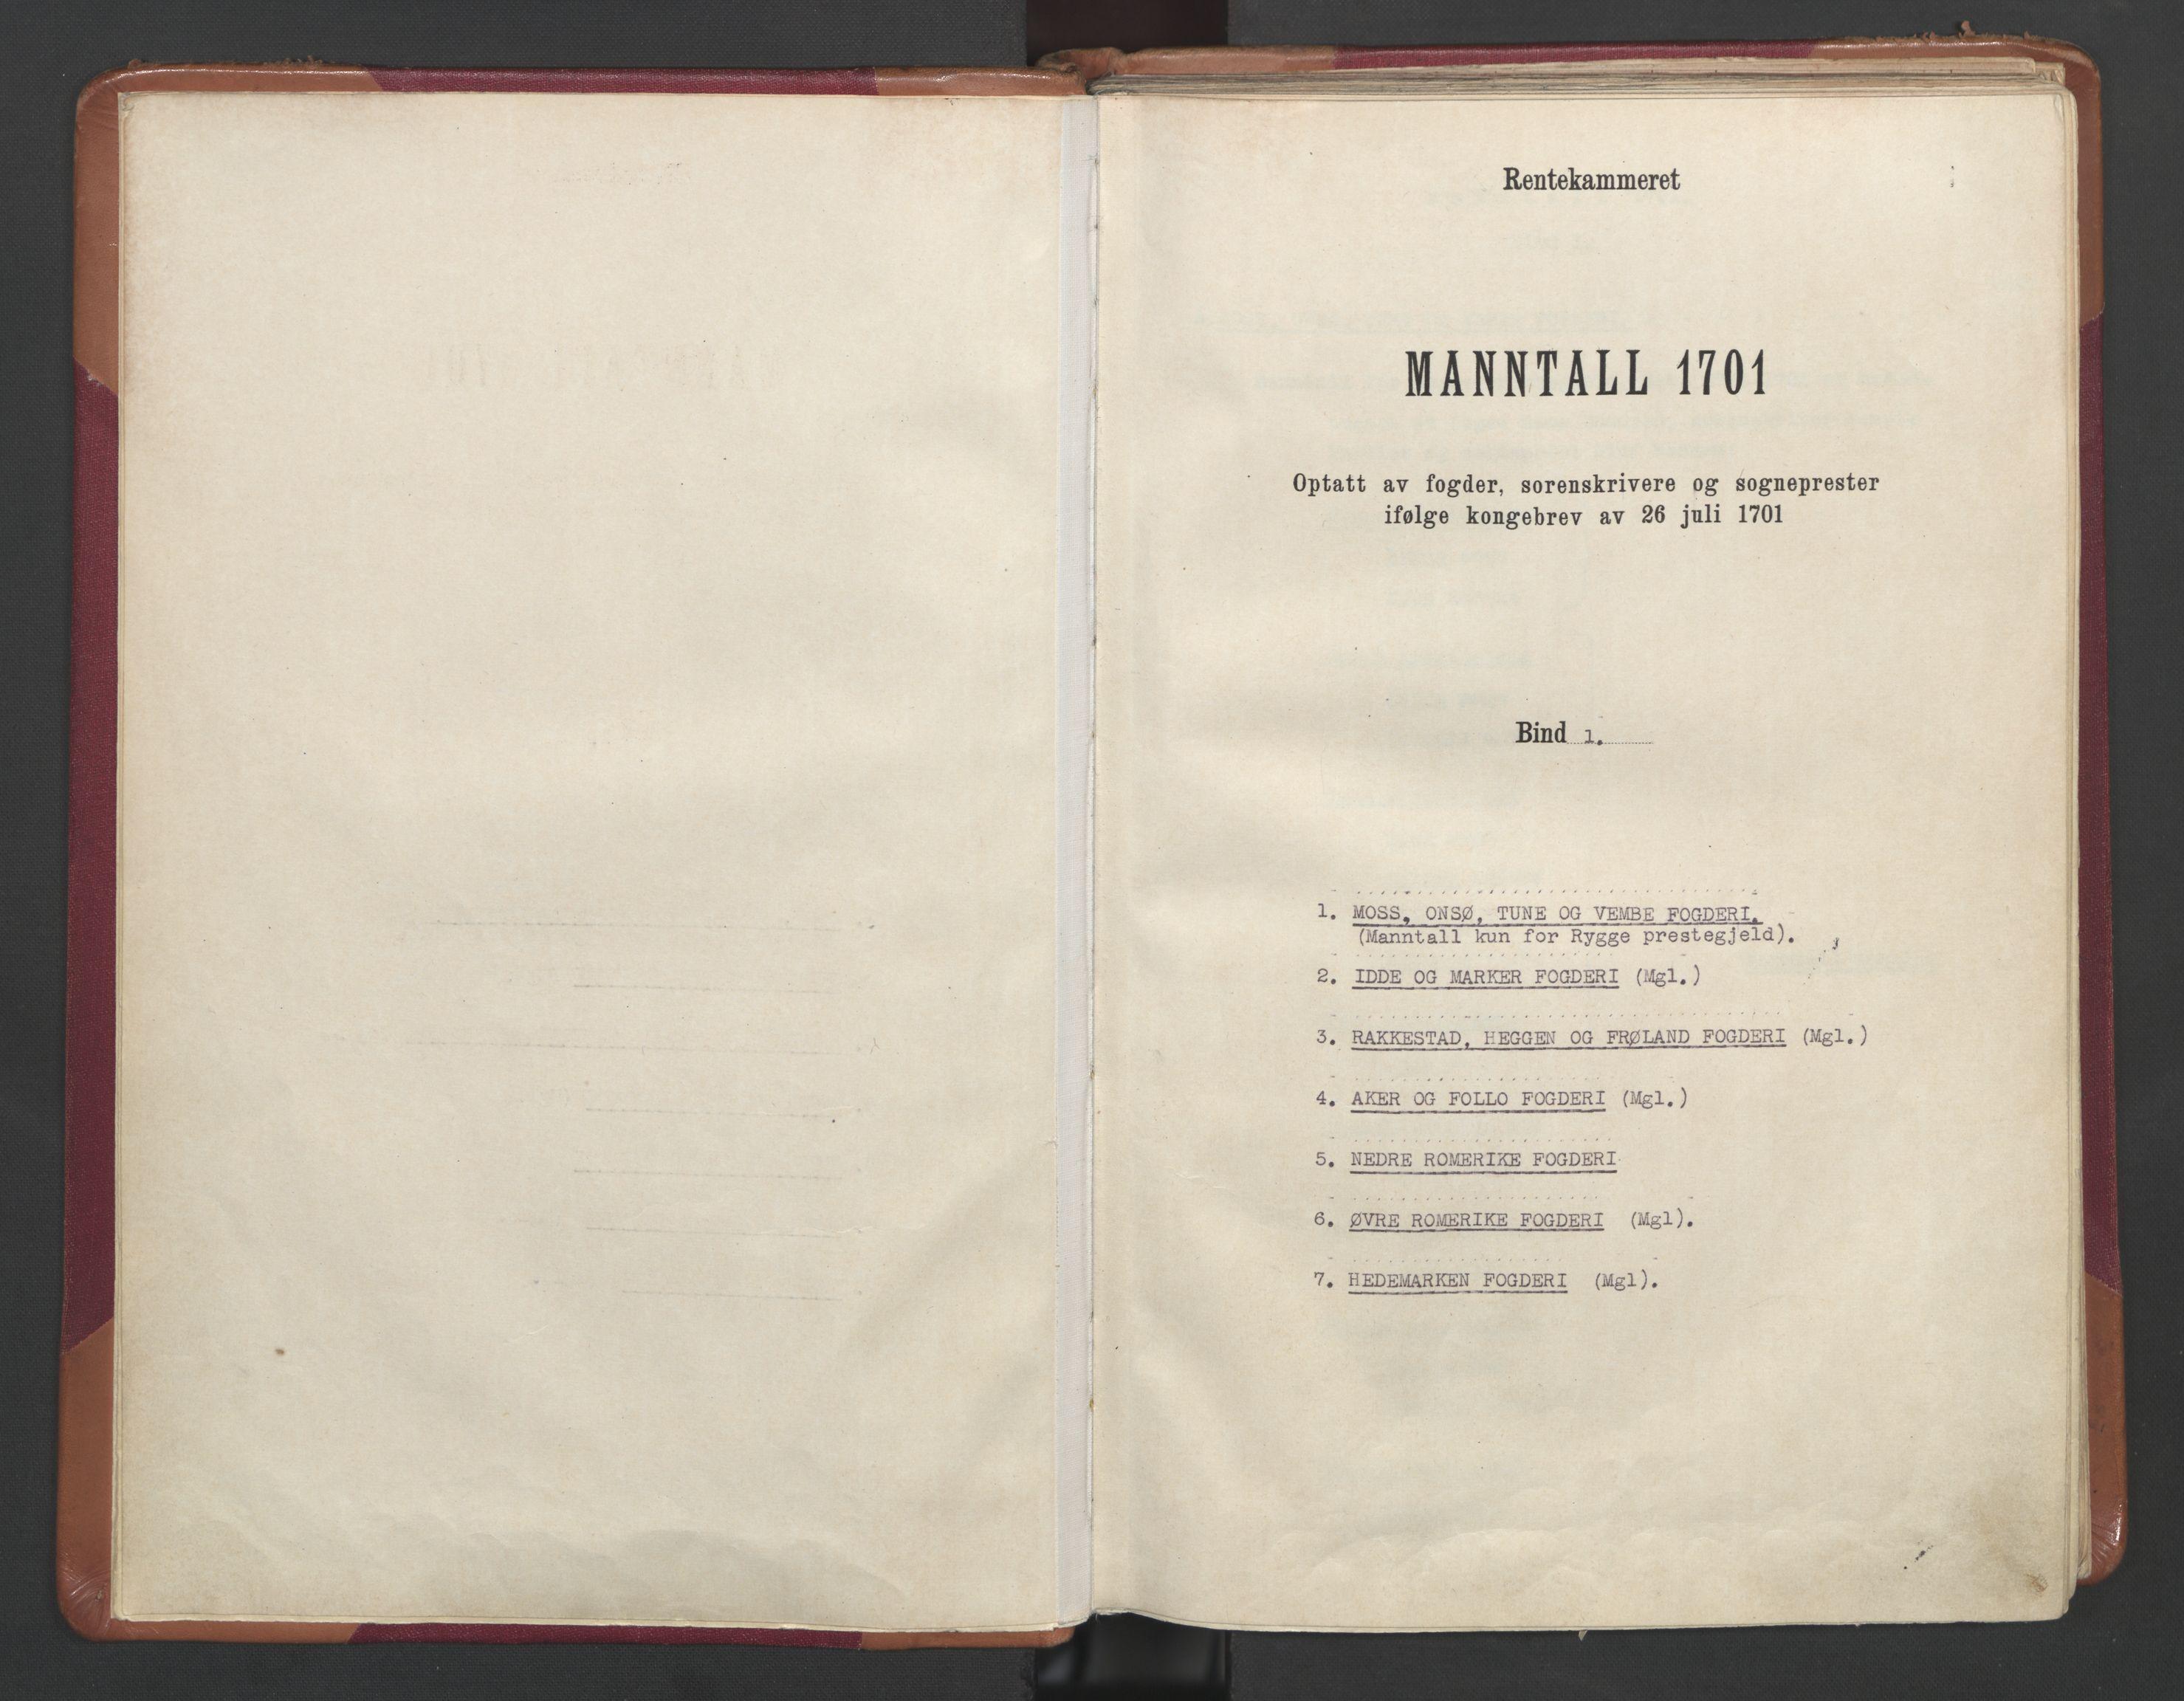 RA, Manntallet 1701, nr. 1: Moss, Onsøy, Tune og Veme fogderi og Nedre Romerike fogderi, 1701, s. upaginert